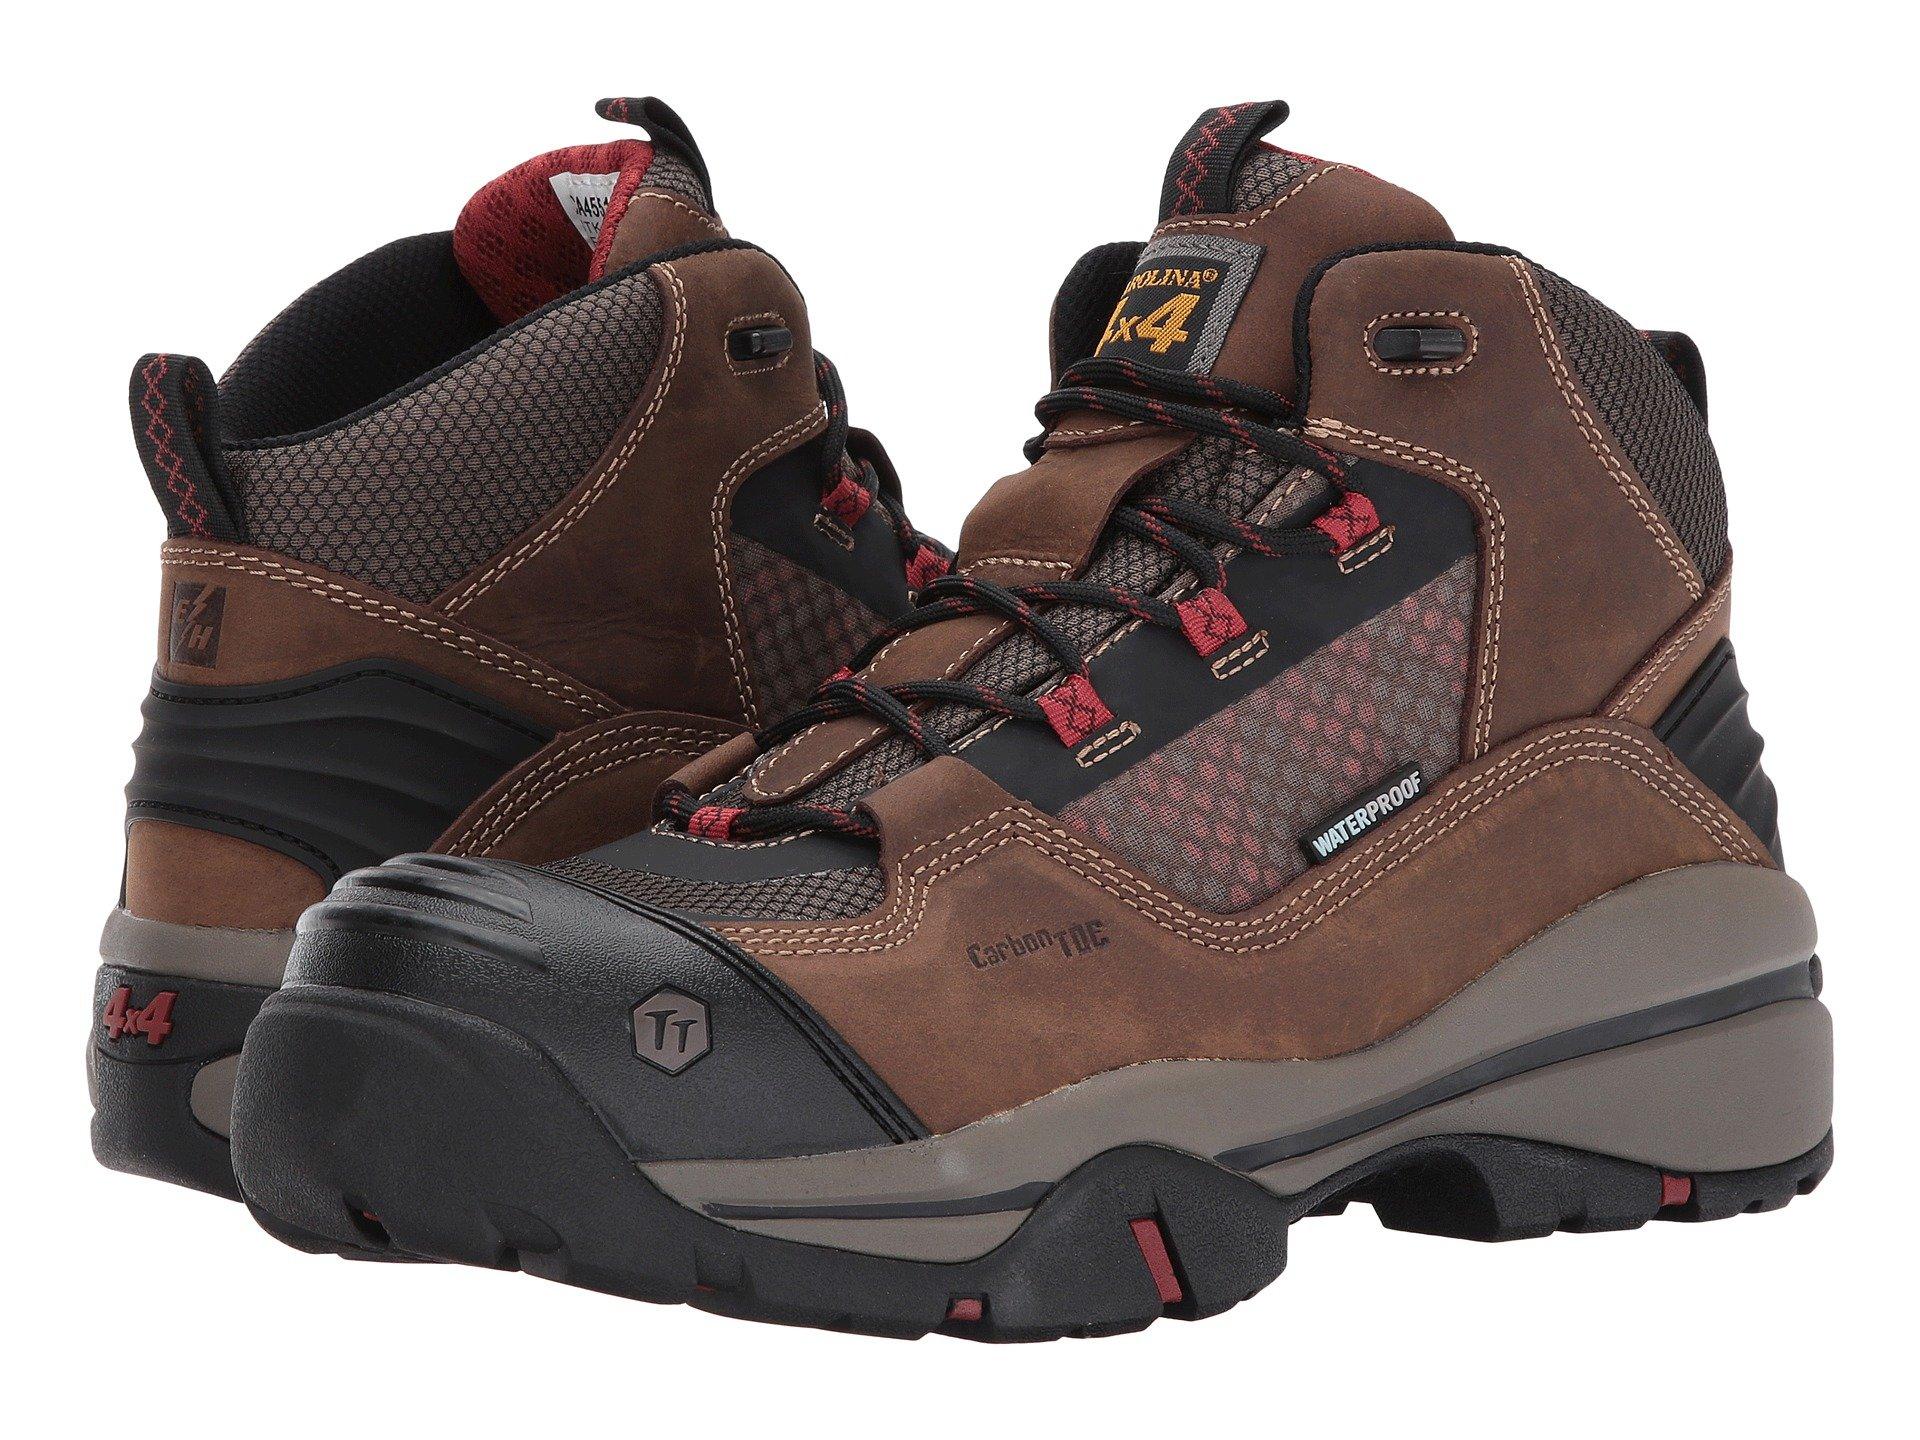 Carolina EXT 5 Waterproof Carbon Composite Toe Hiker CA4551   f49IVBza